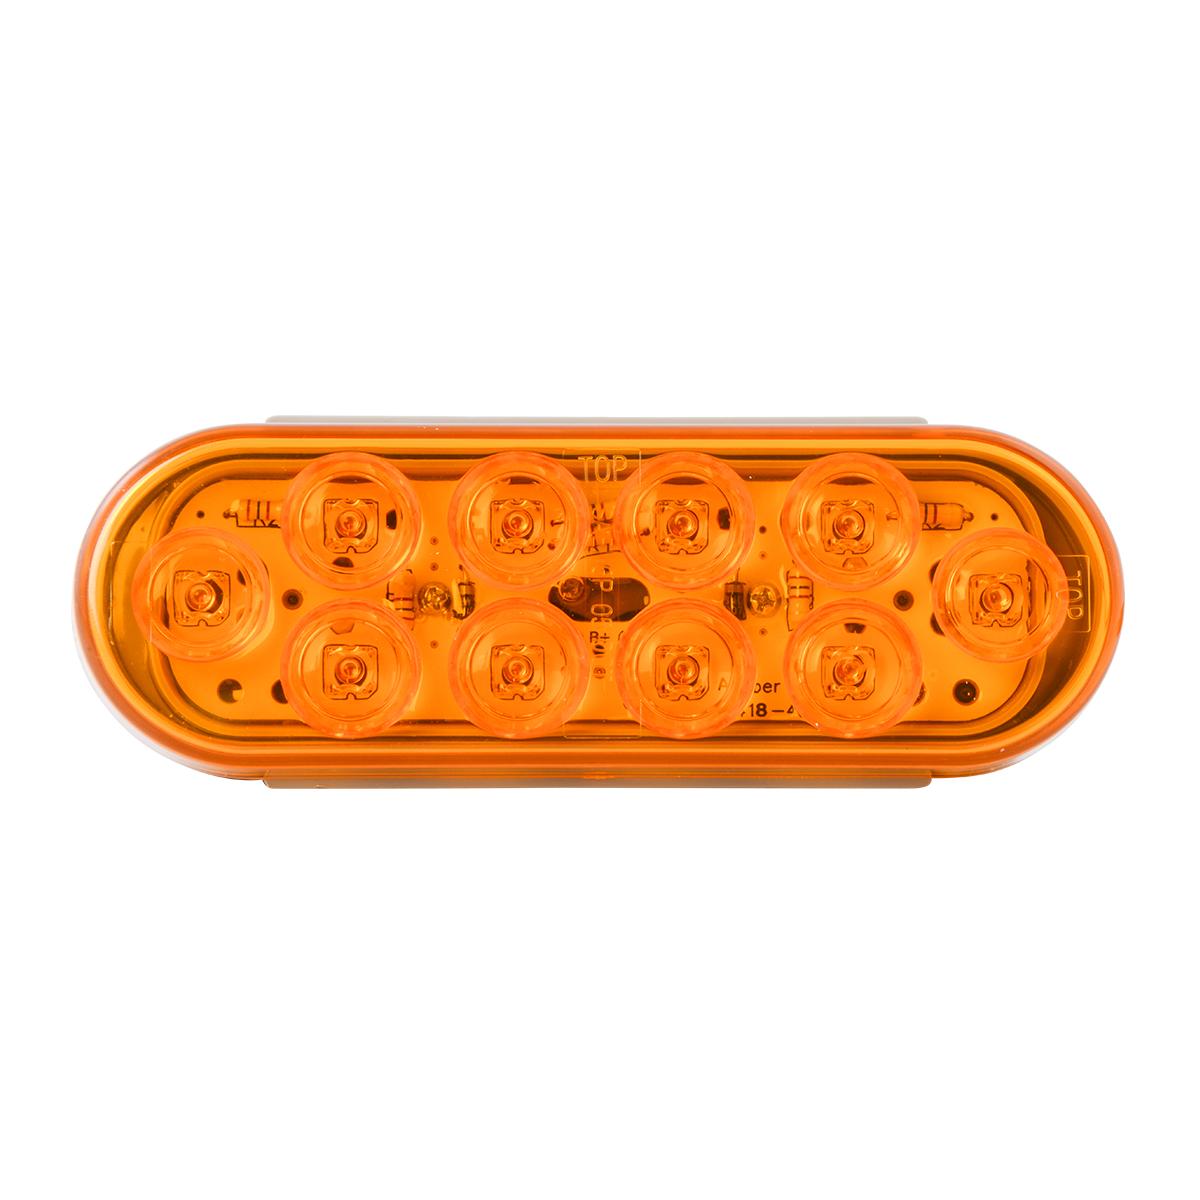 77440 Oval Mega 10 LED Light in Amber/Amber